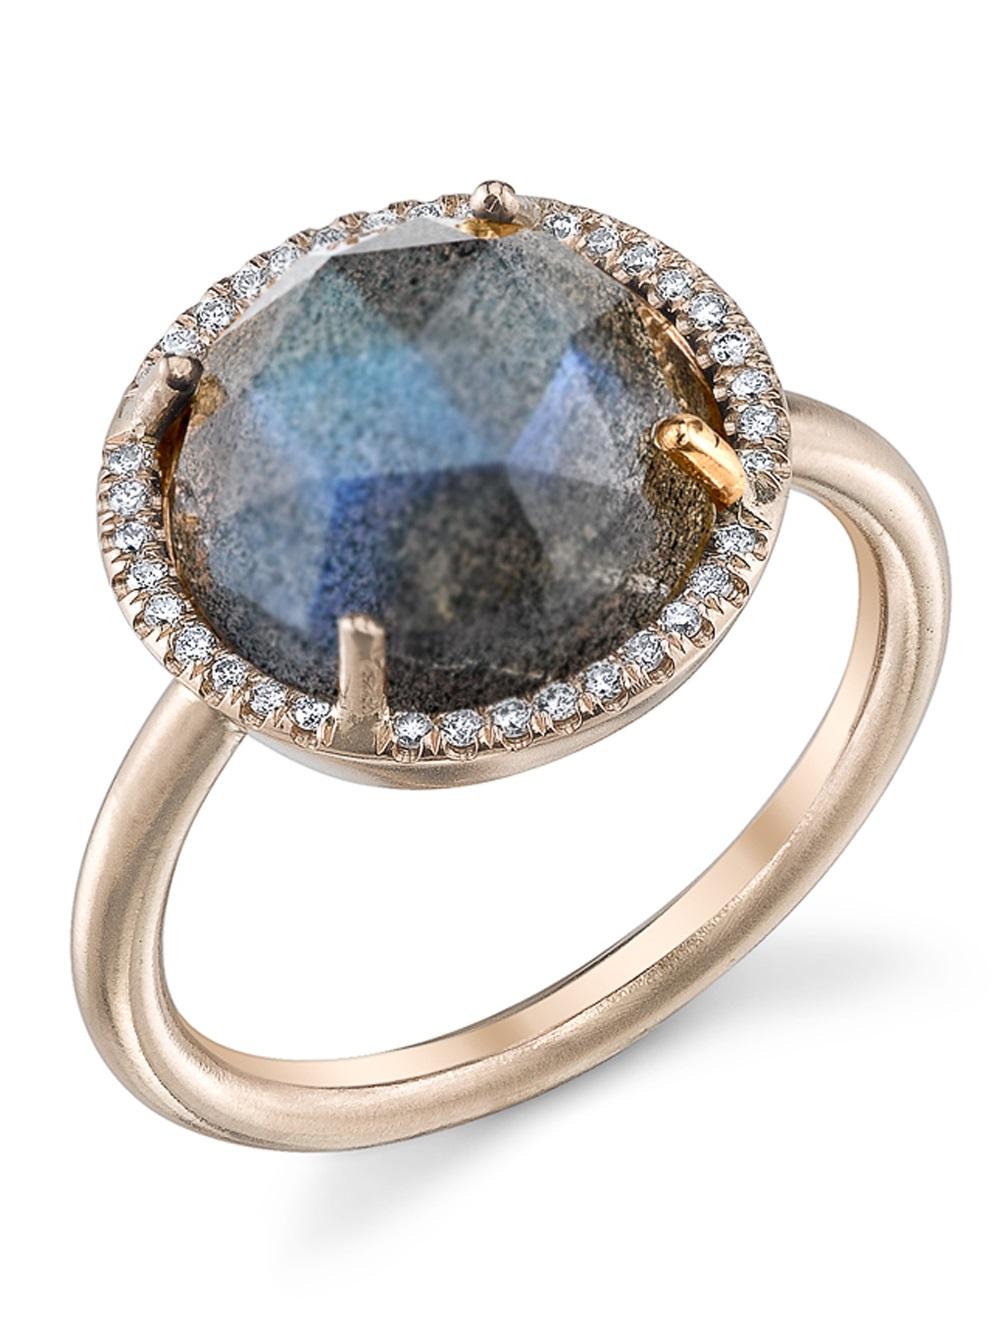 Irene Neuwirth Rose Cut Labradorite Ring in Metallic (Grey)